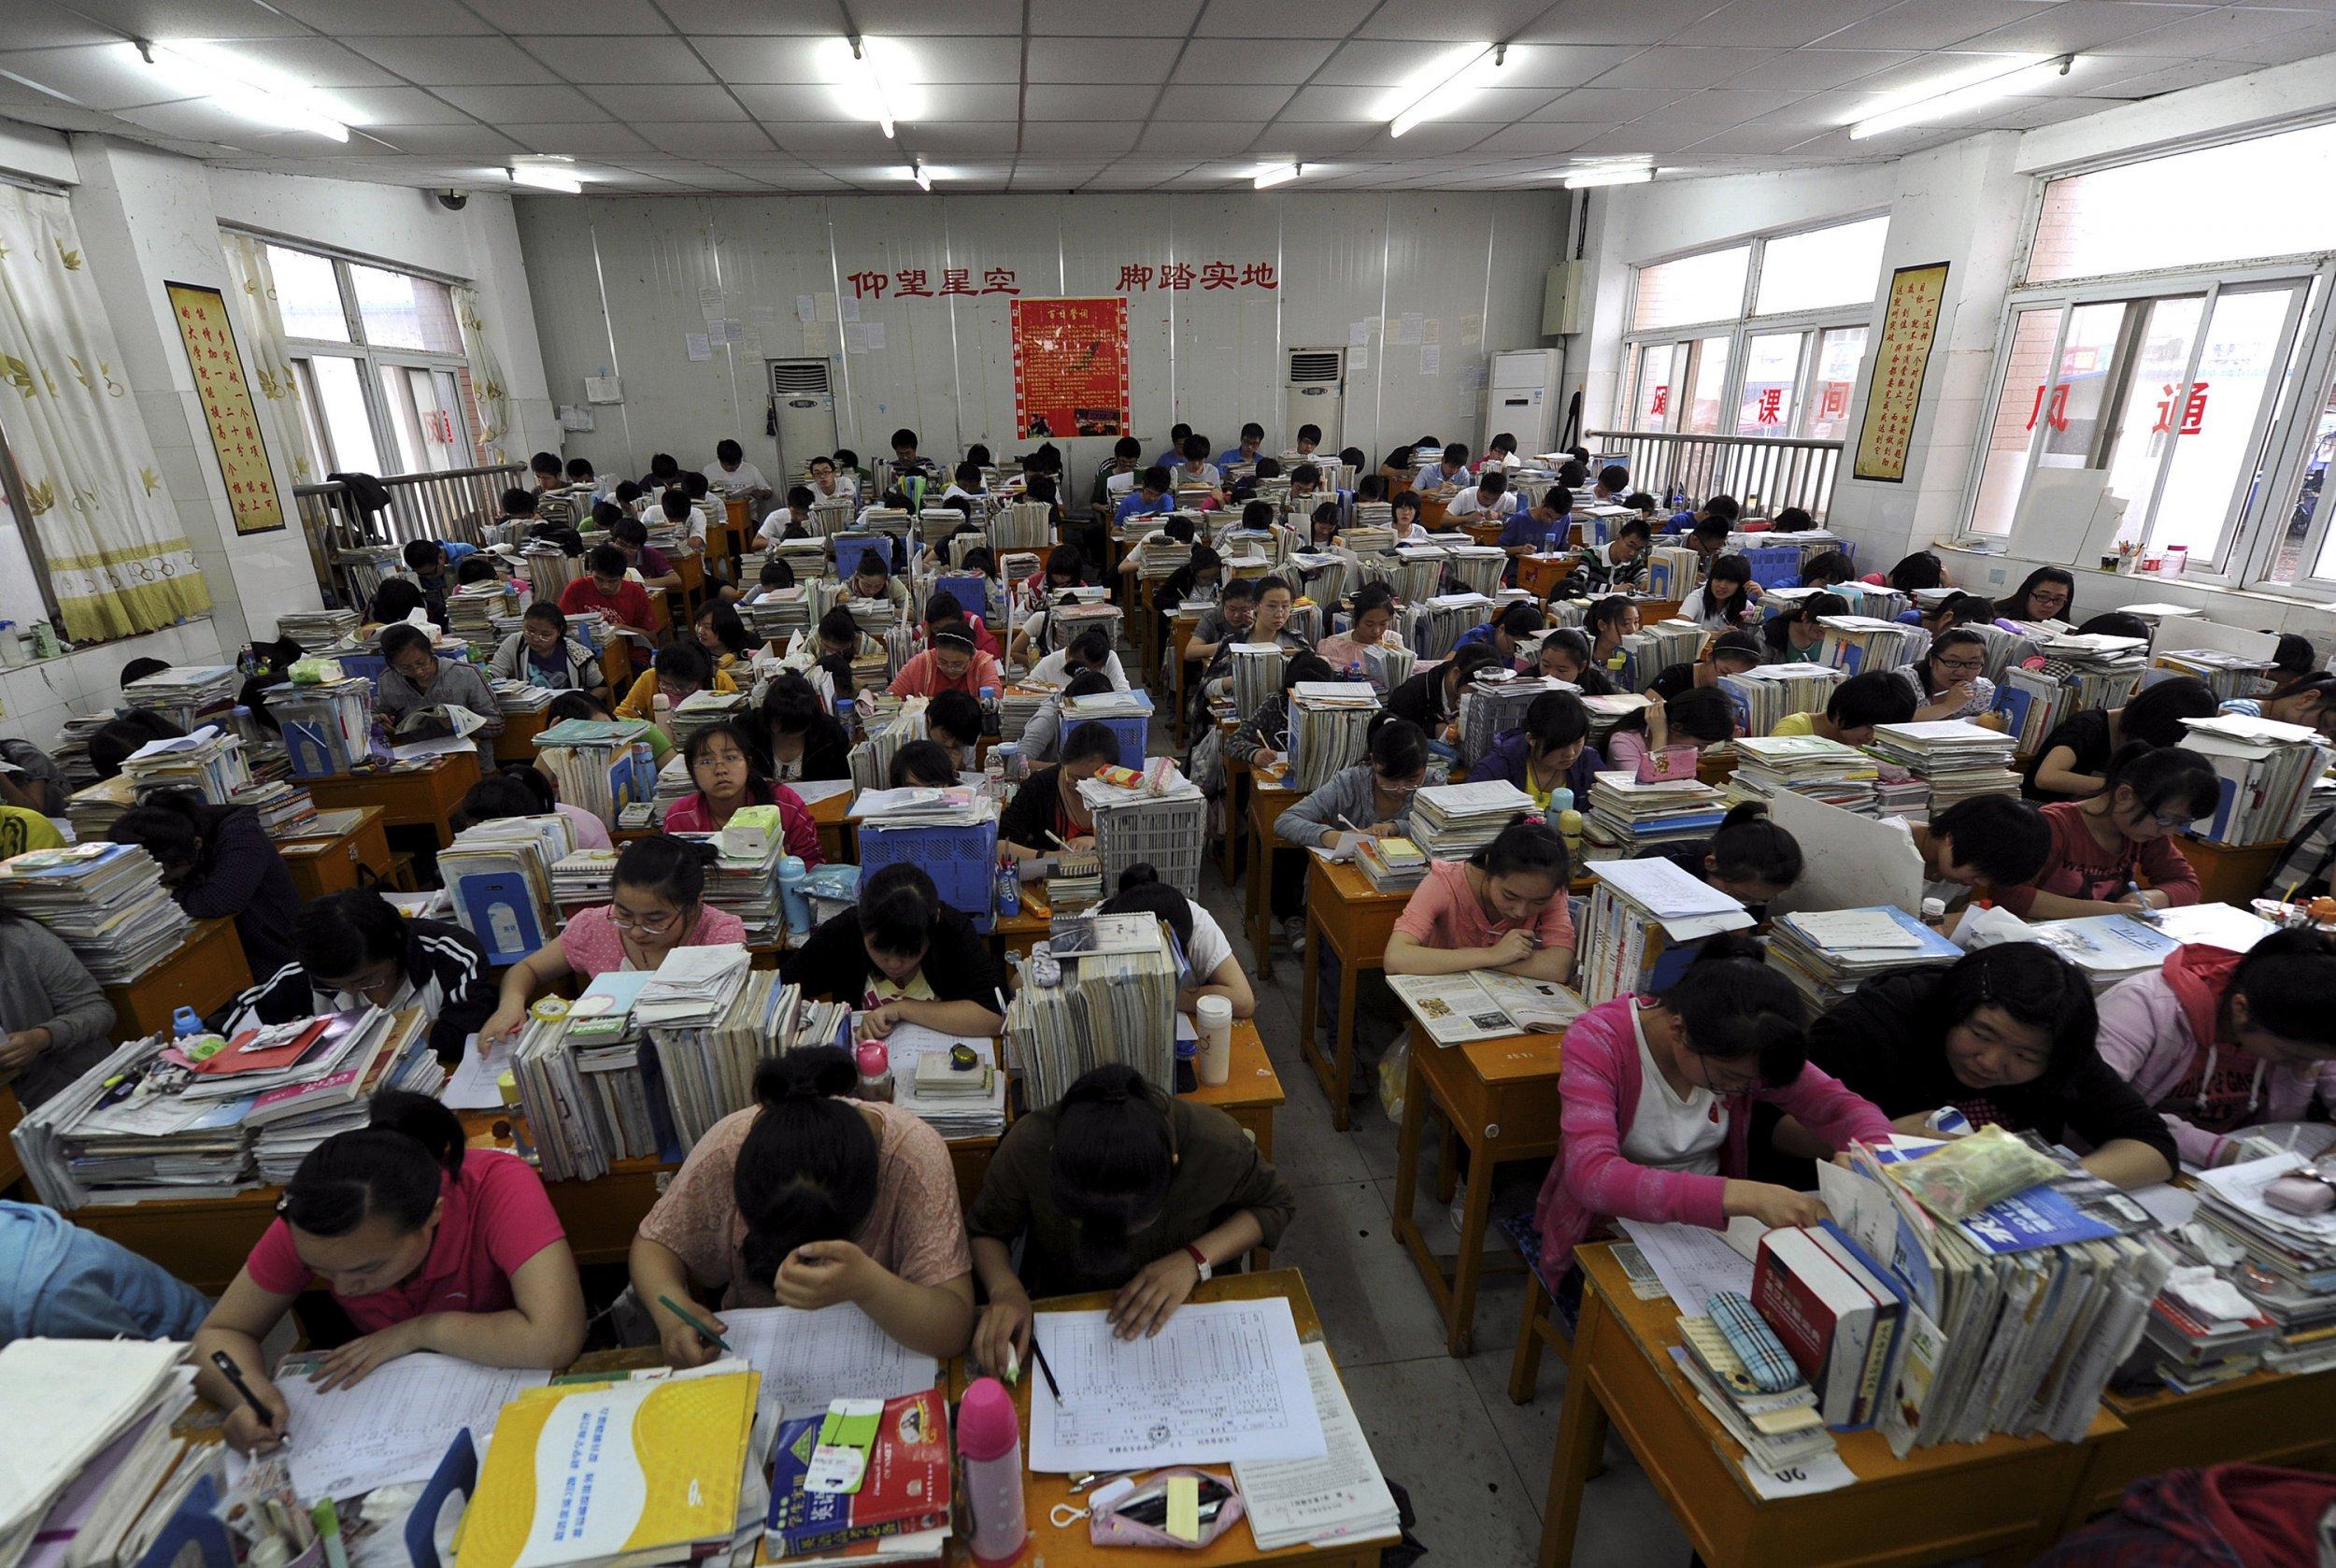 Chinese entrance exam